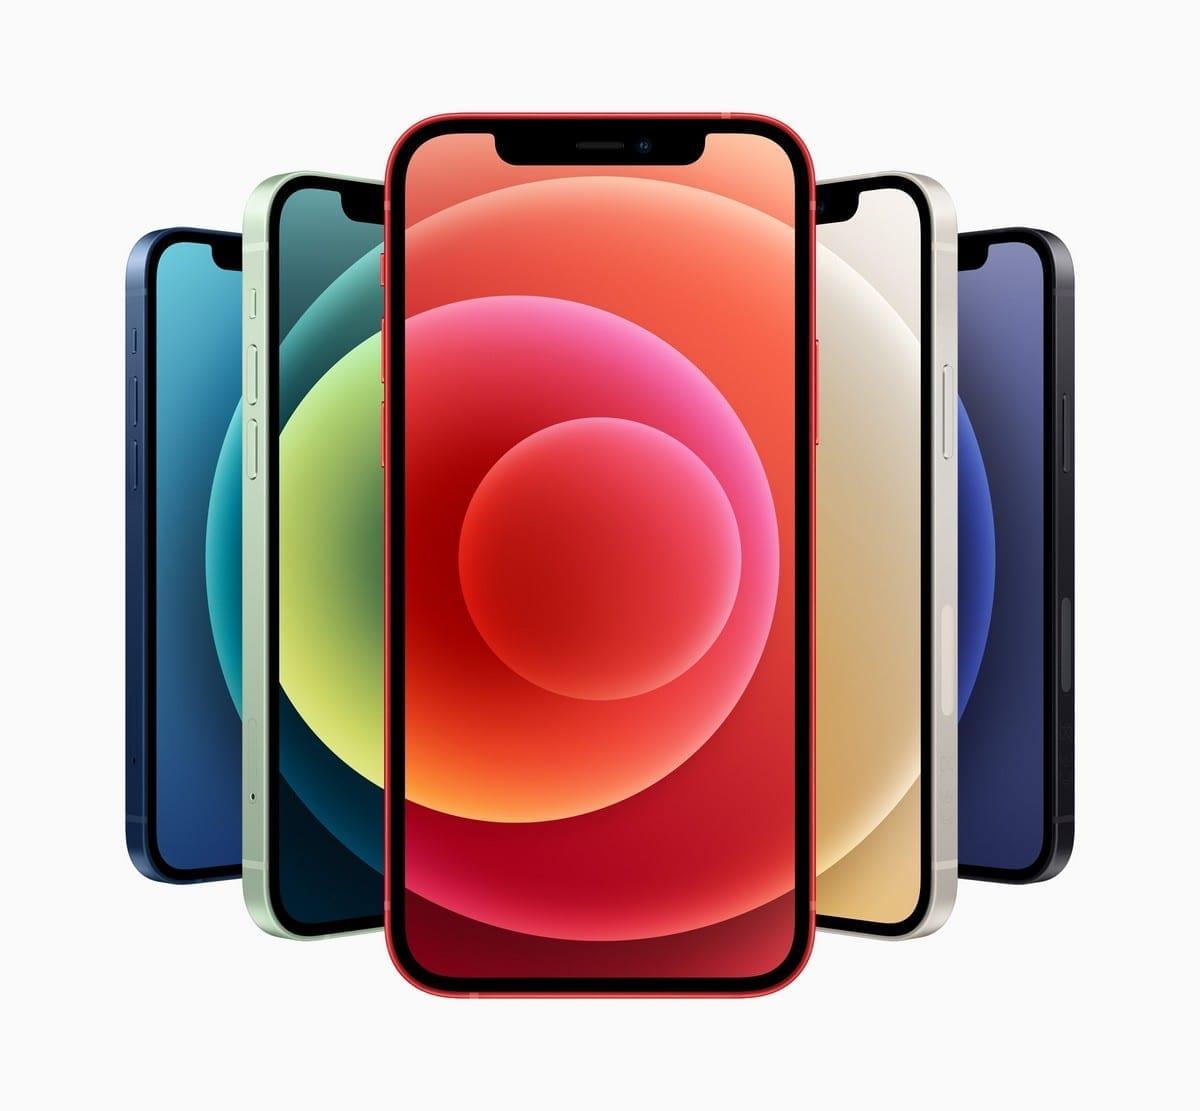 iPhone 13 ar putea aduce funcția Always-on Display și mod de fotografiere Astro-Photography